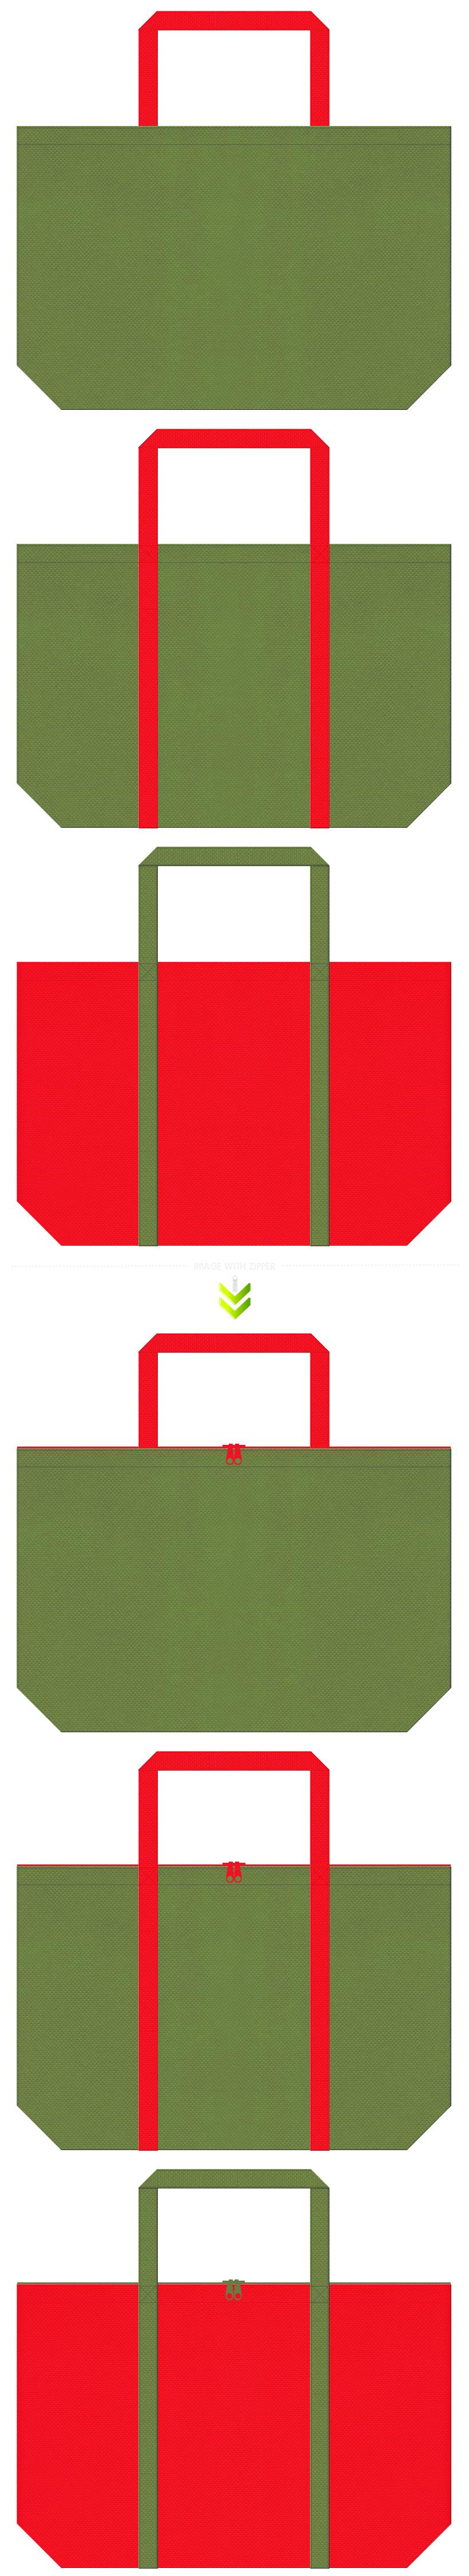 野点傘・番傘・和傘・茶会・邦楽演奏会・和風庭園・和風催事・和風エコバッグにお奨めの不織布バッグデザイン:草色と赤色のコーデ